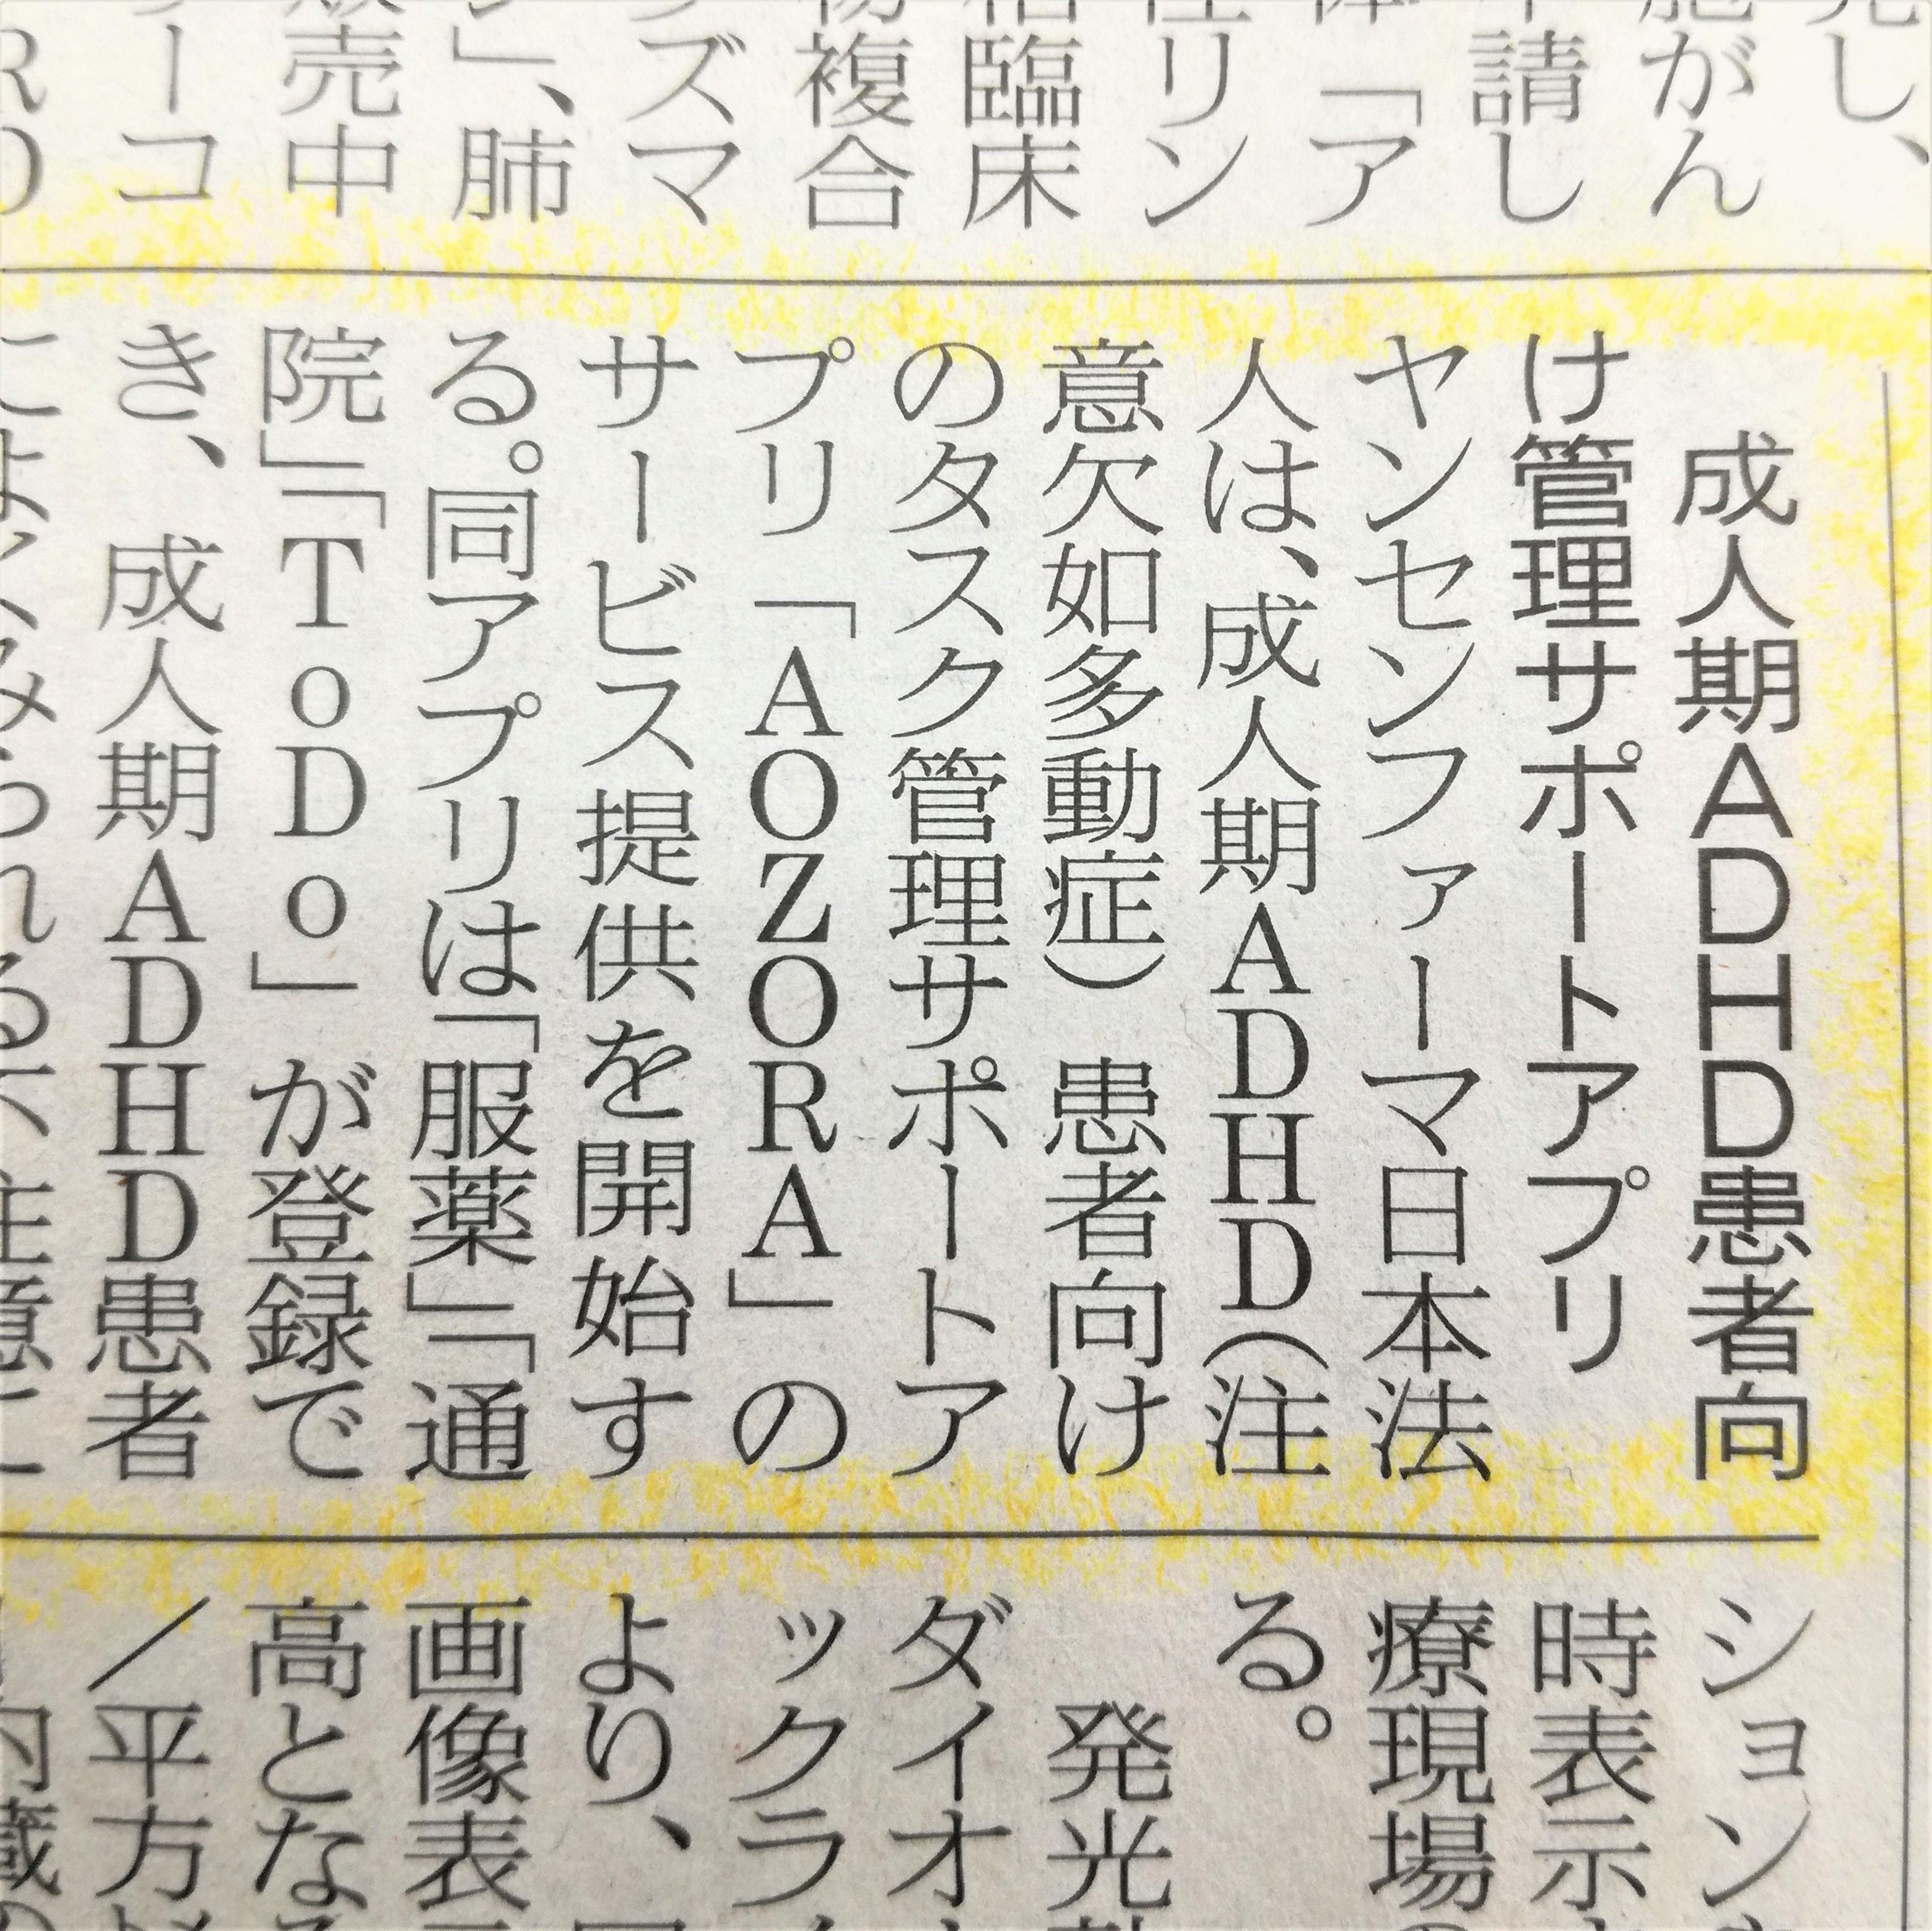 化学工業日報に、「AOZORA」が紹介されました